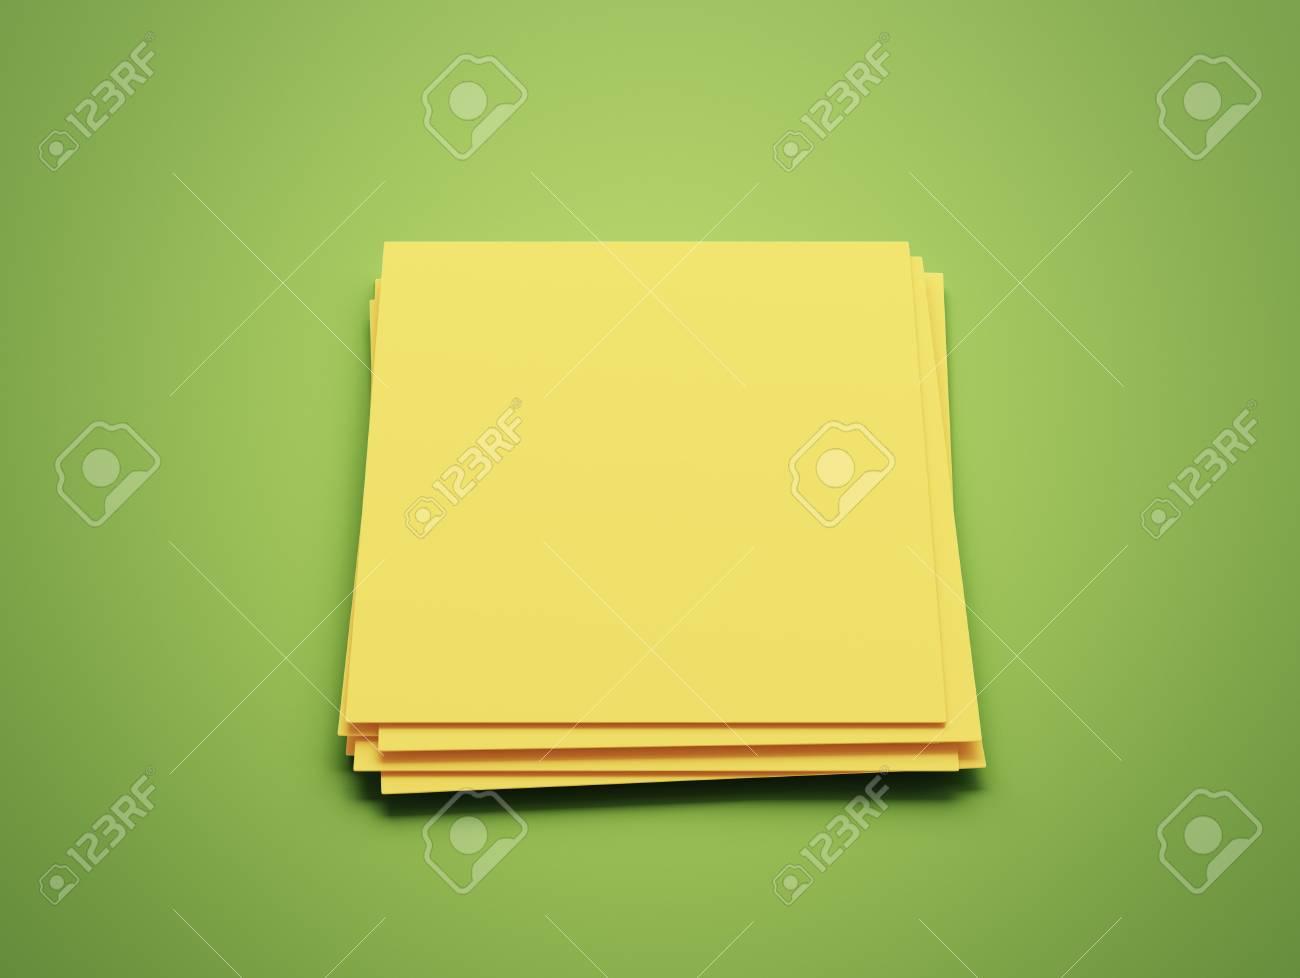 Livre Jaune Blanc Bloc Notes Isole Sur Fond Vert